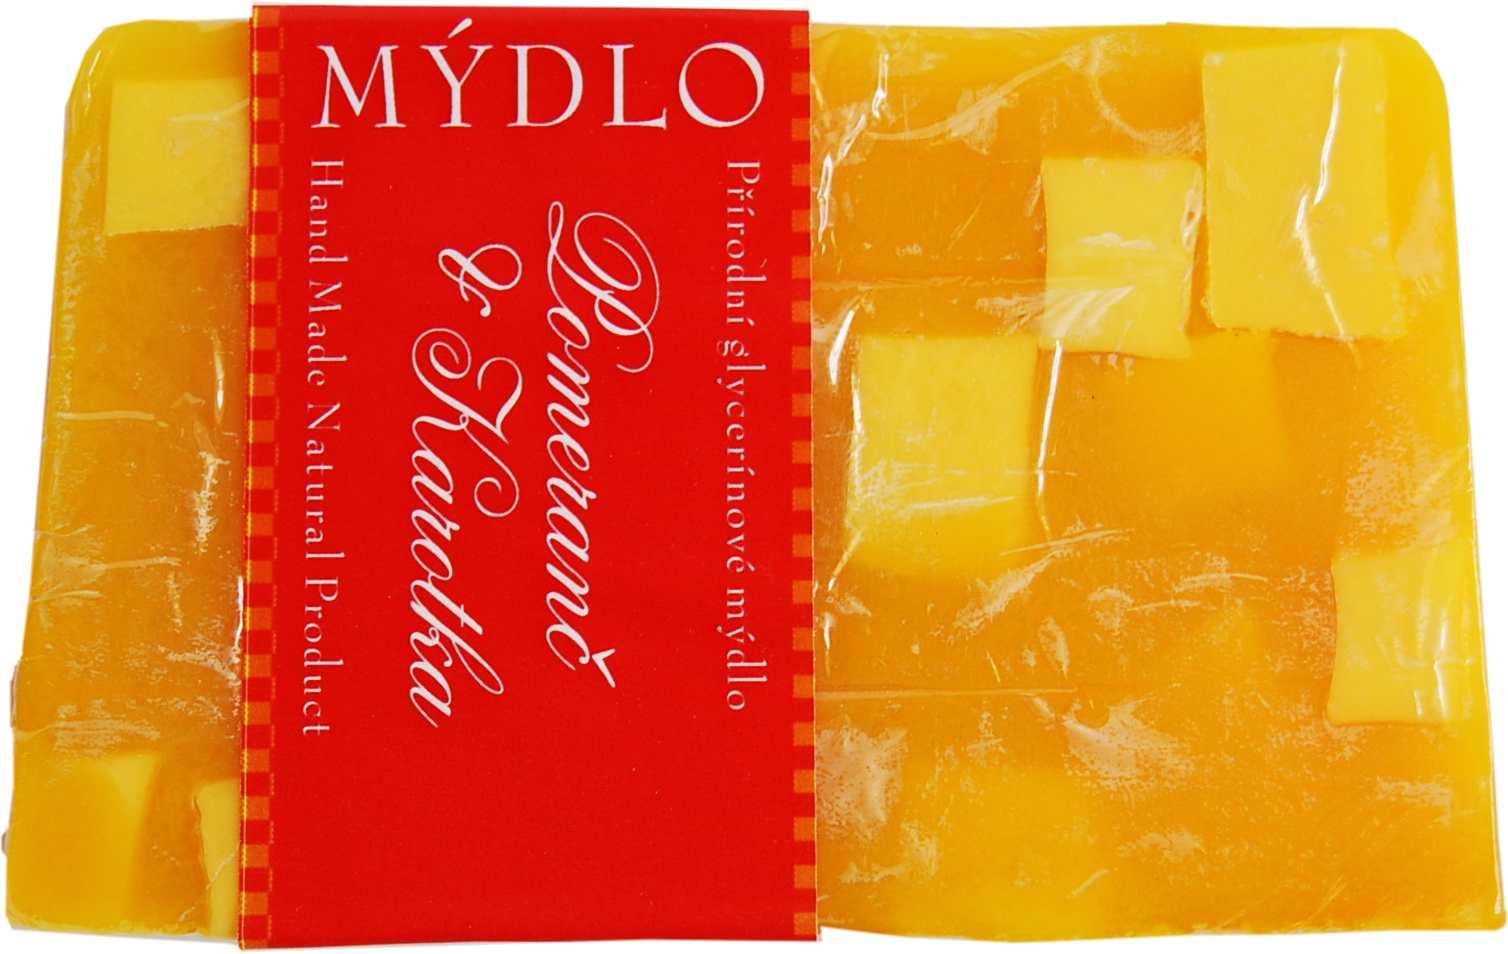 sicilský pomeranč s kořením oranž glitr h.kostka-blok mýdla 1,5kg ke krájení